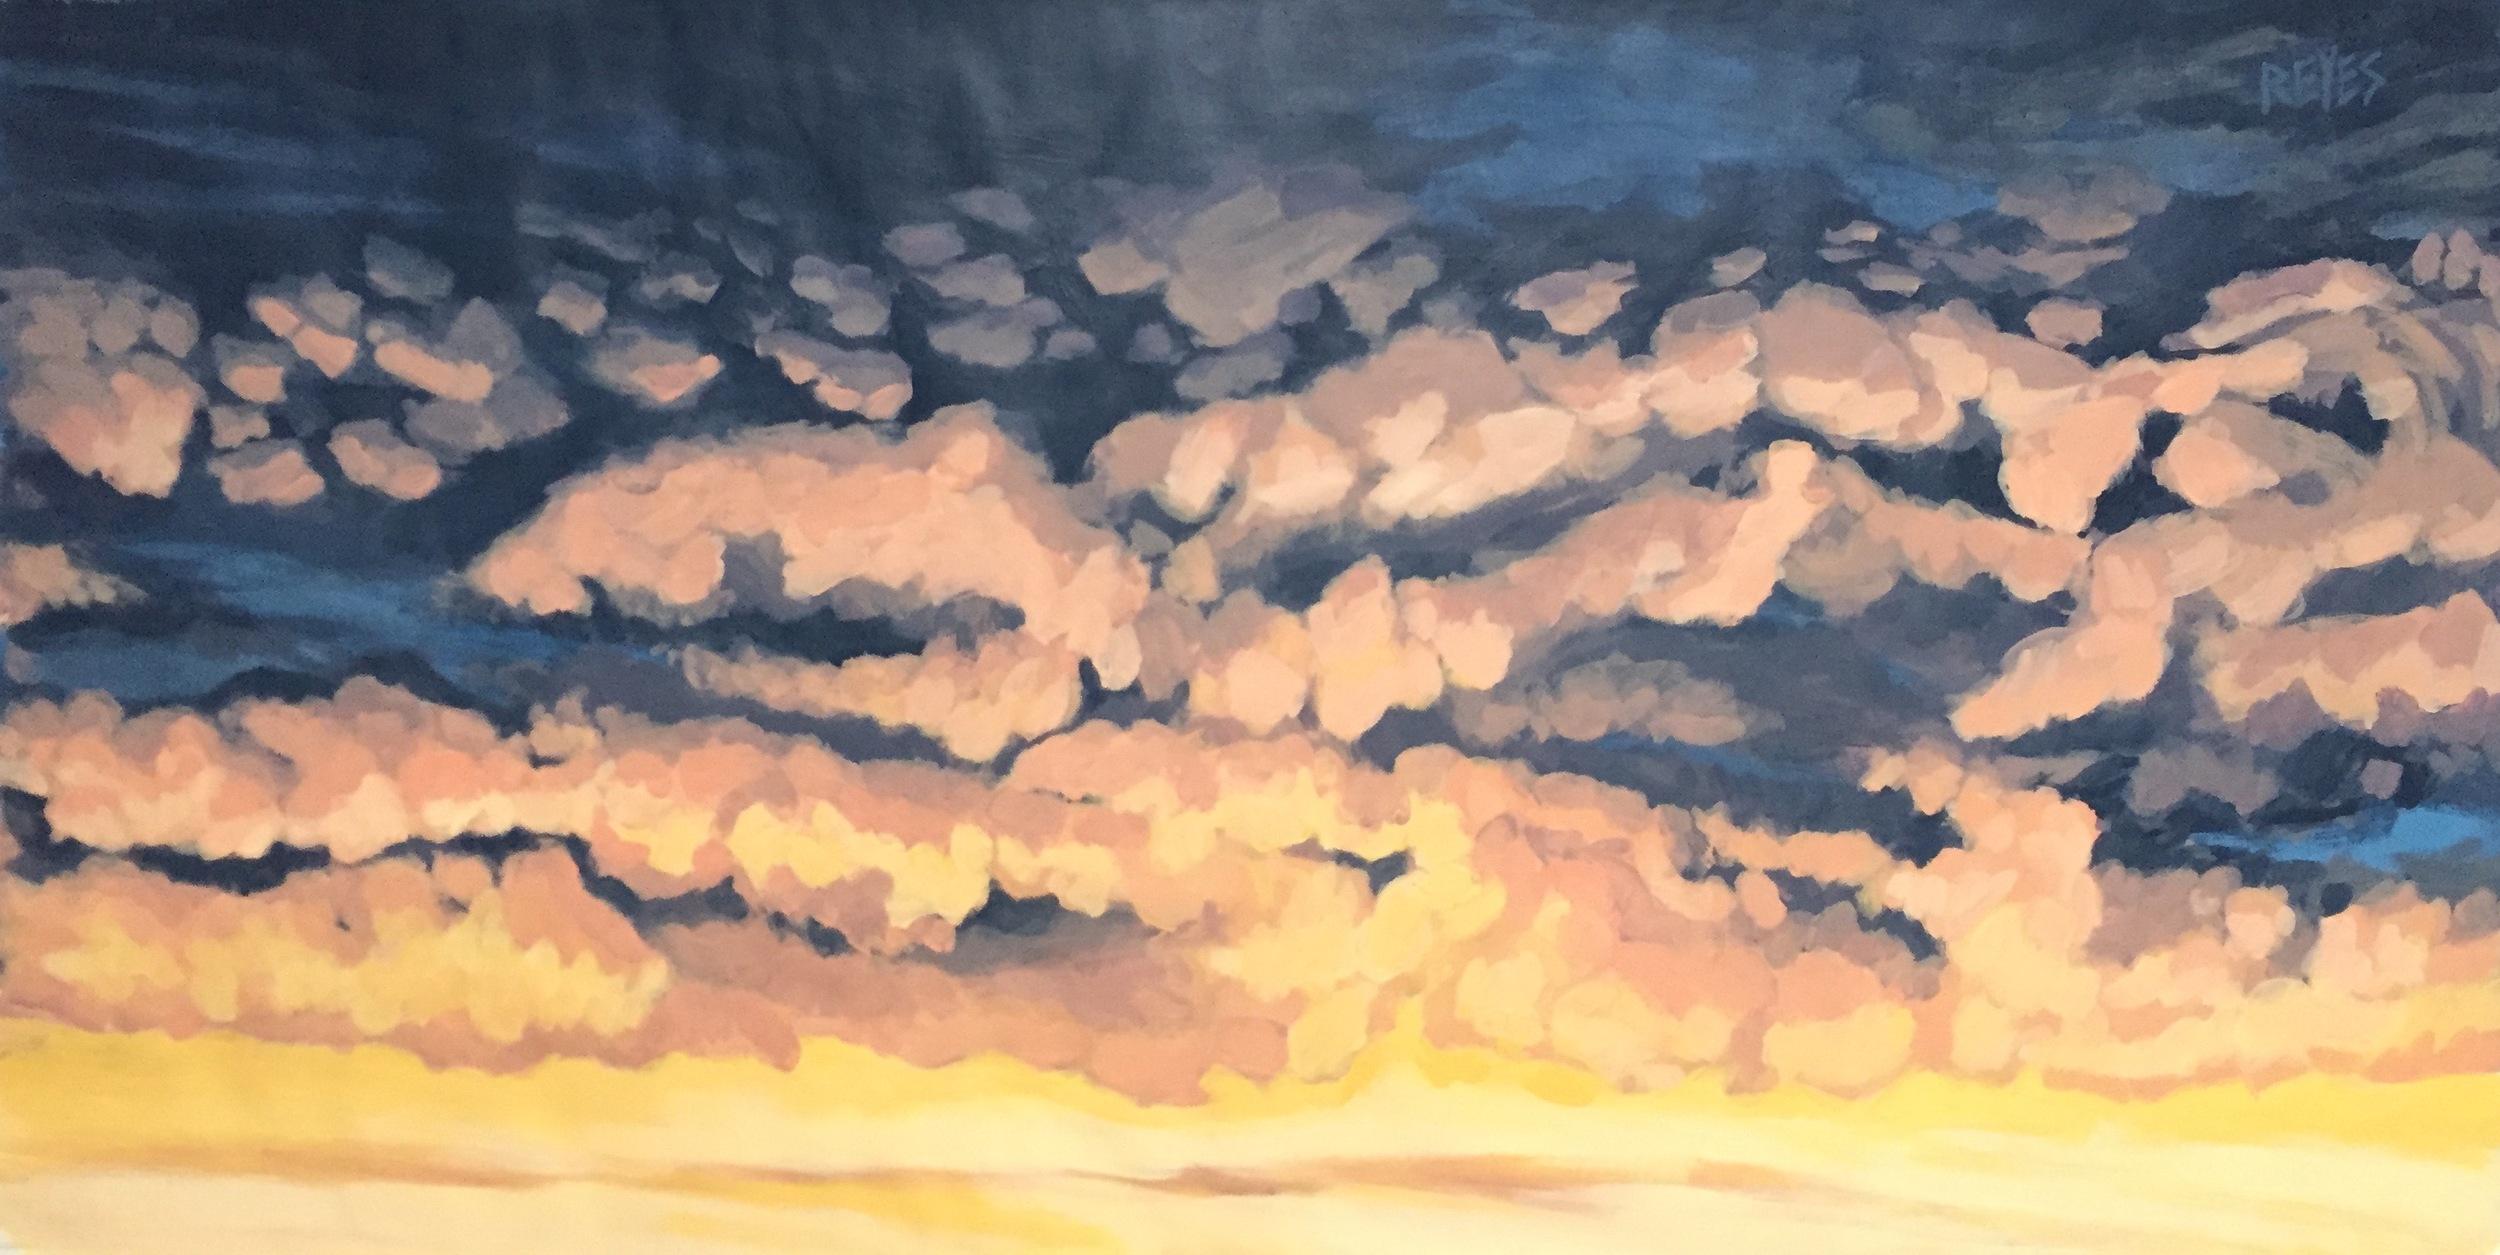 Santa Fe Sky, No. 1